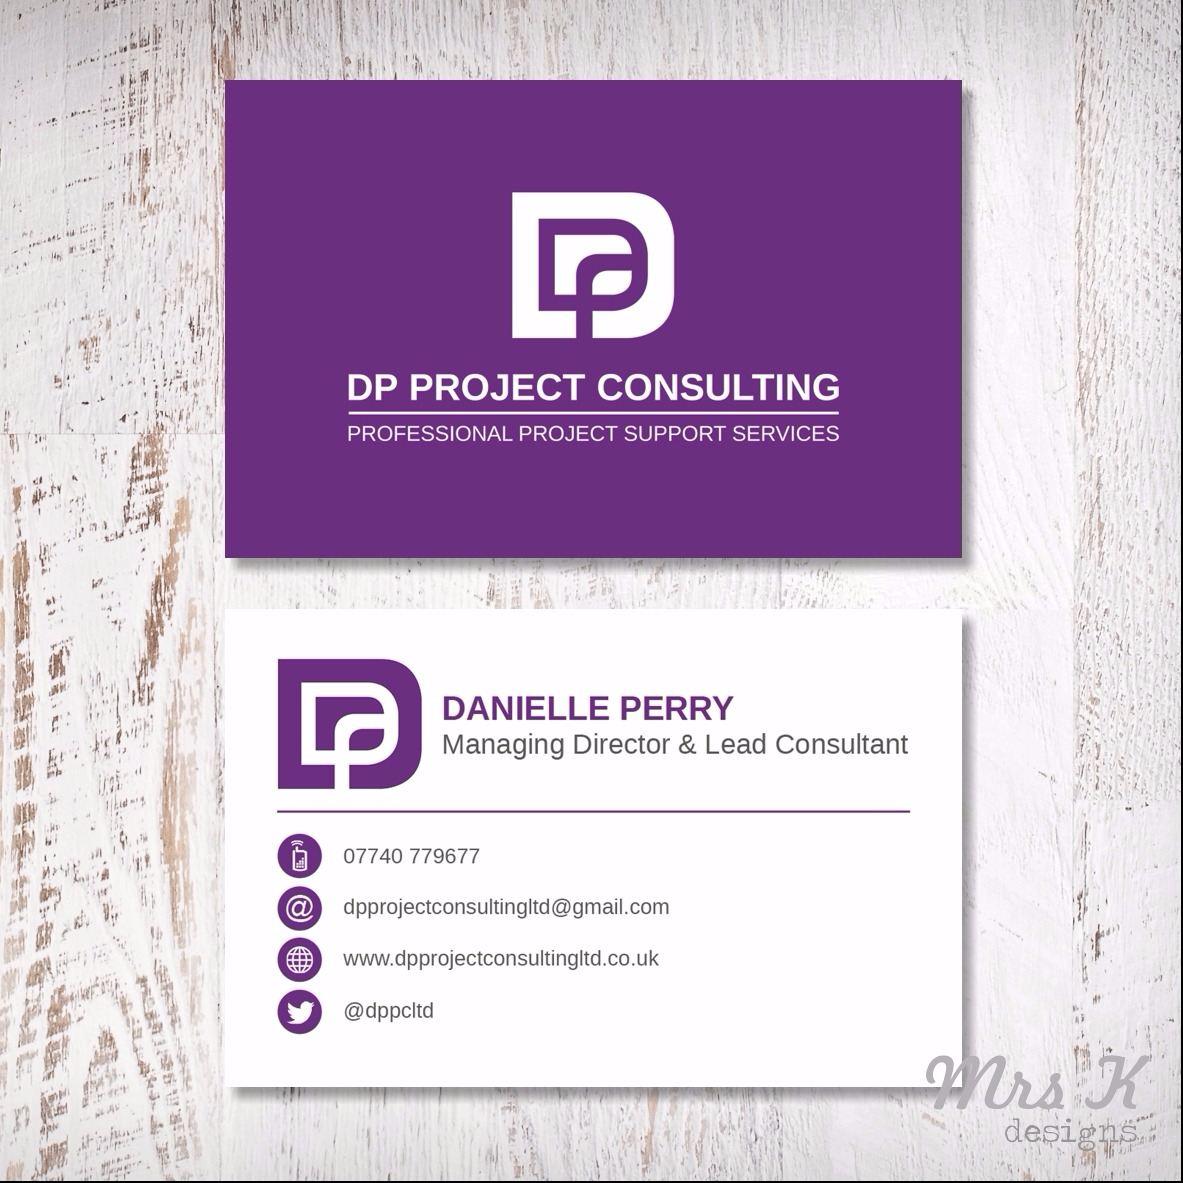 Bespoke Business Cards - Design | Mrs K Designs